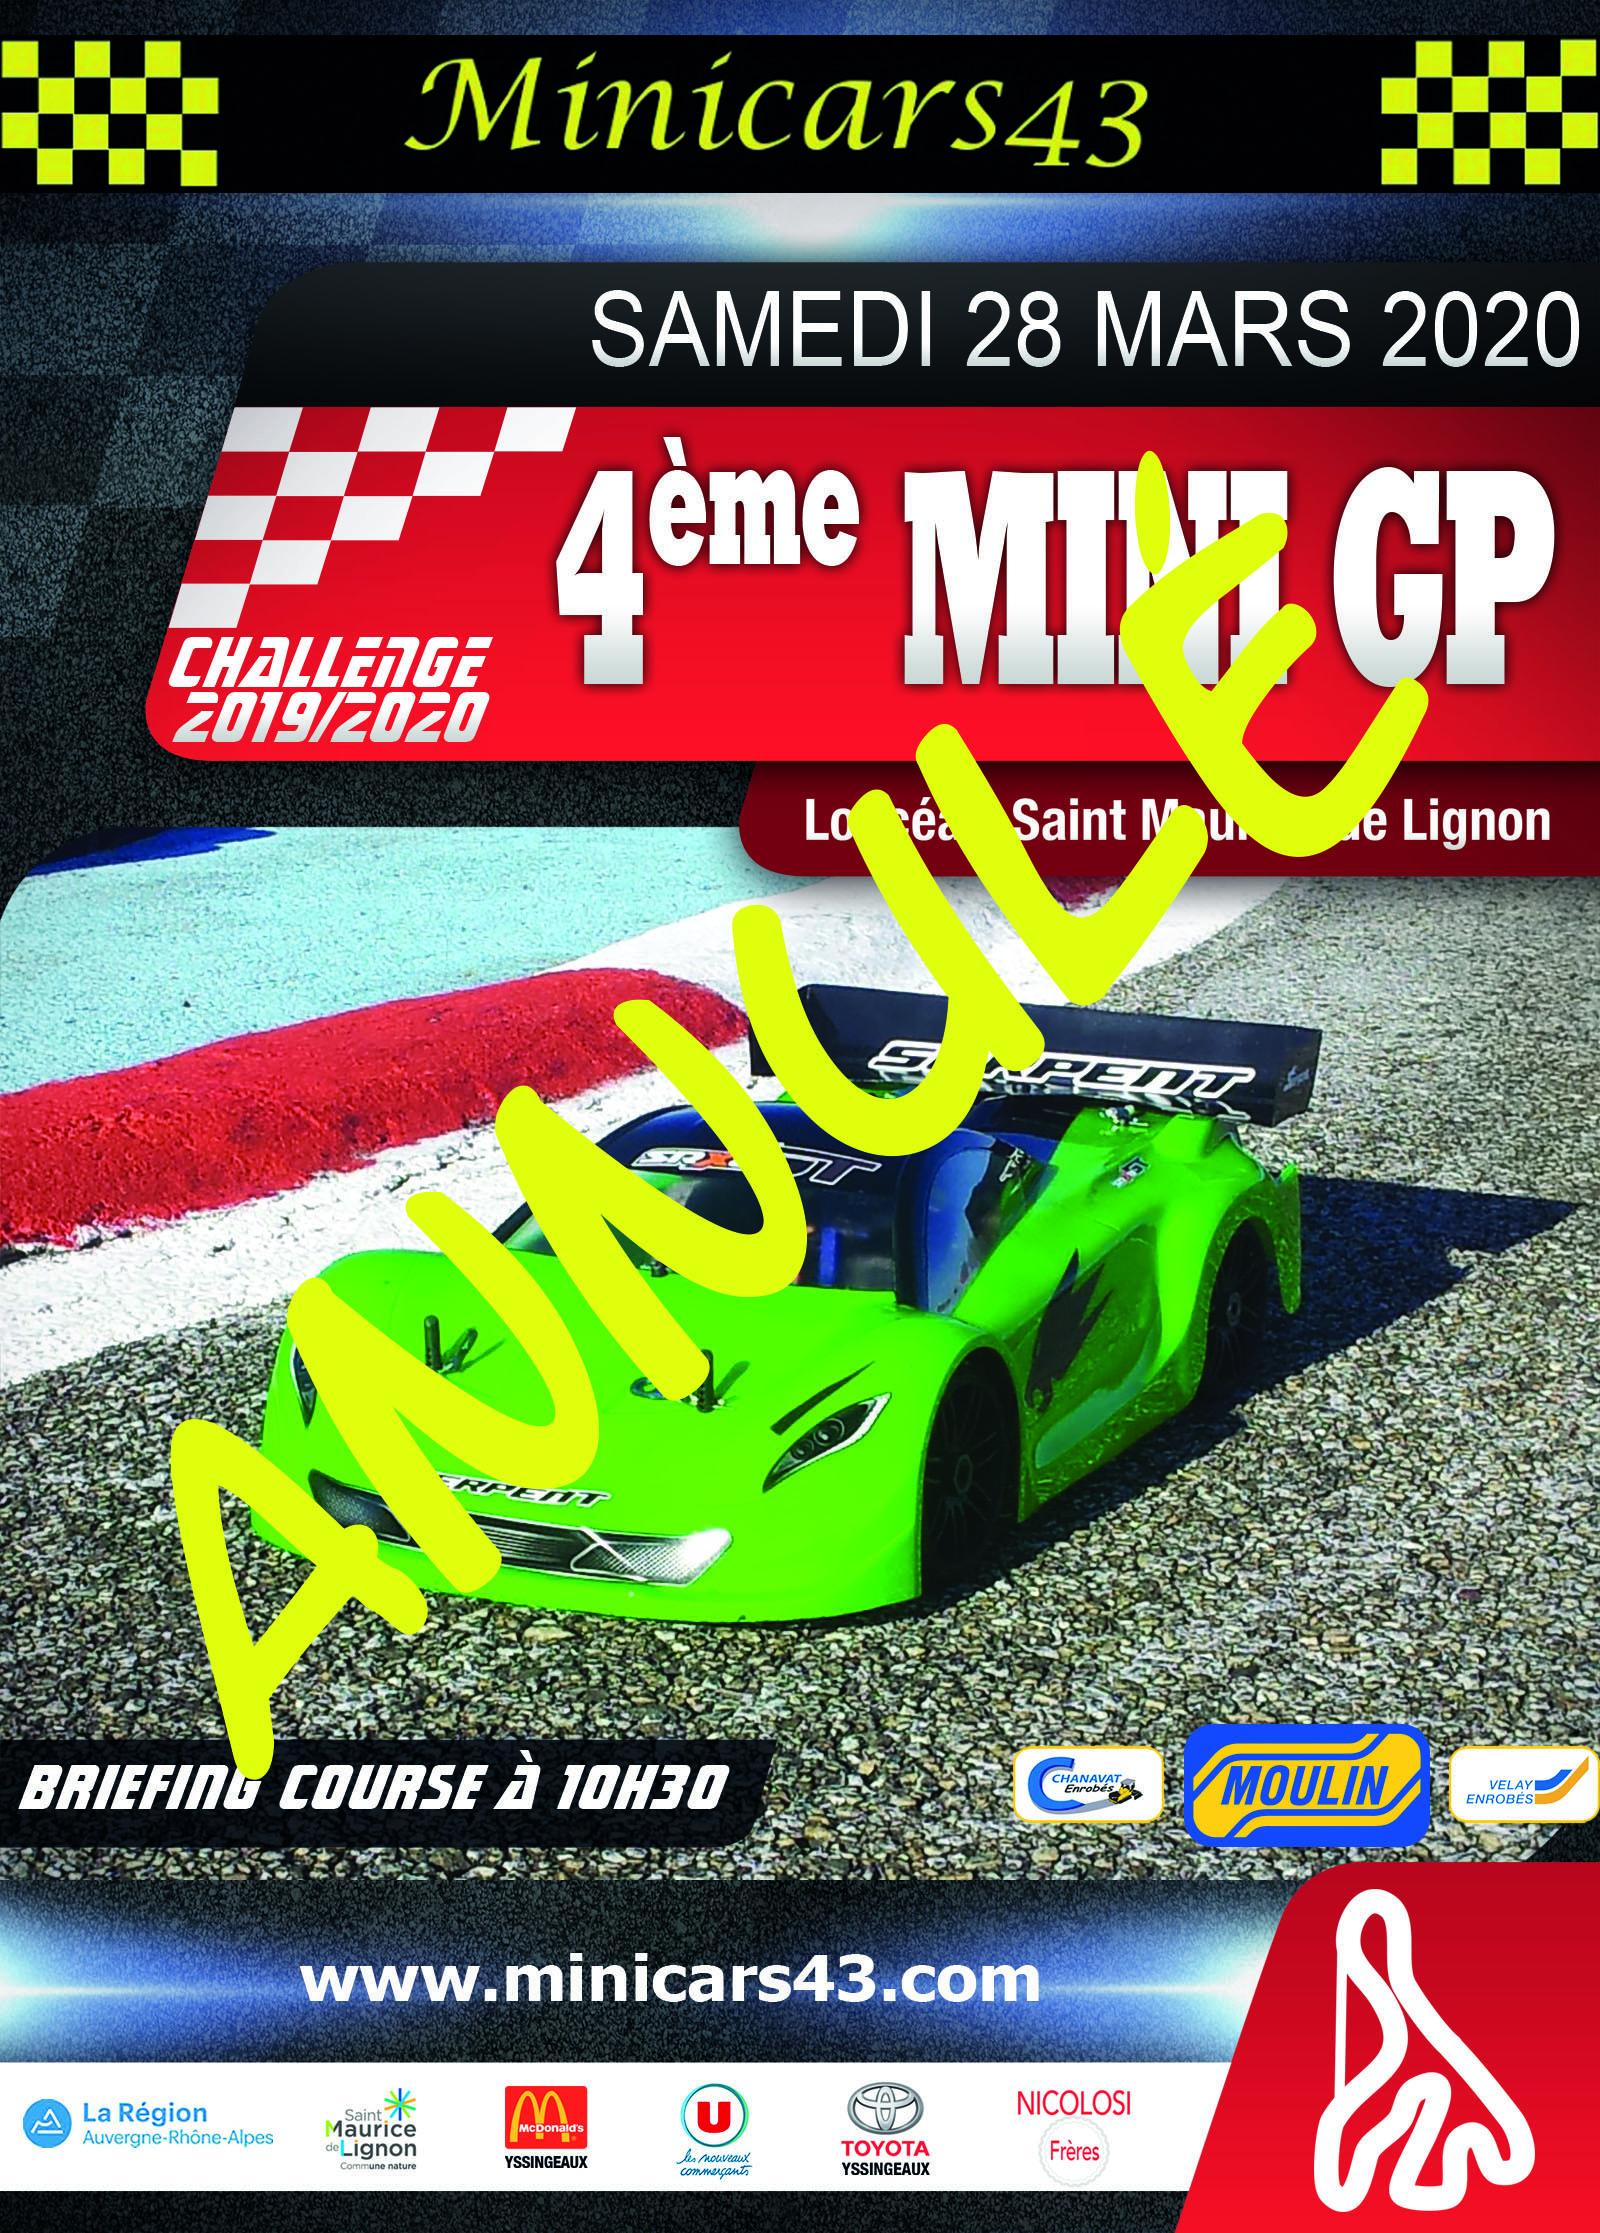 Affiche 4ème Mini GP 2019-20 annulé